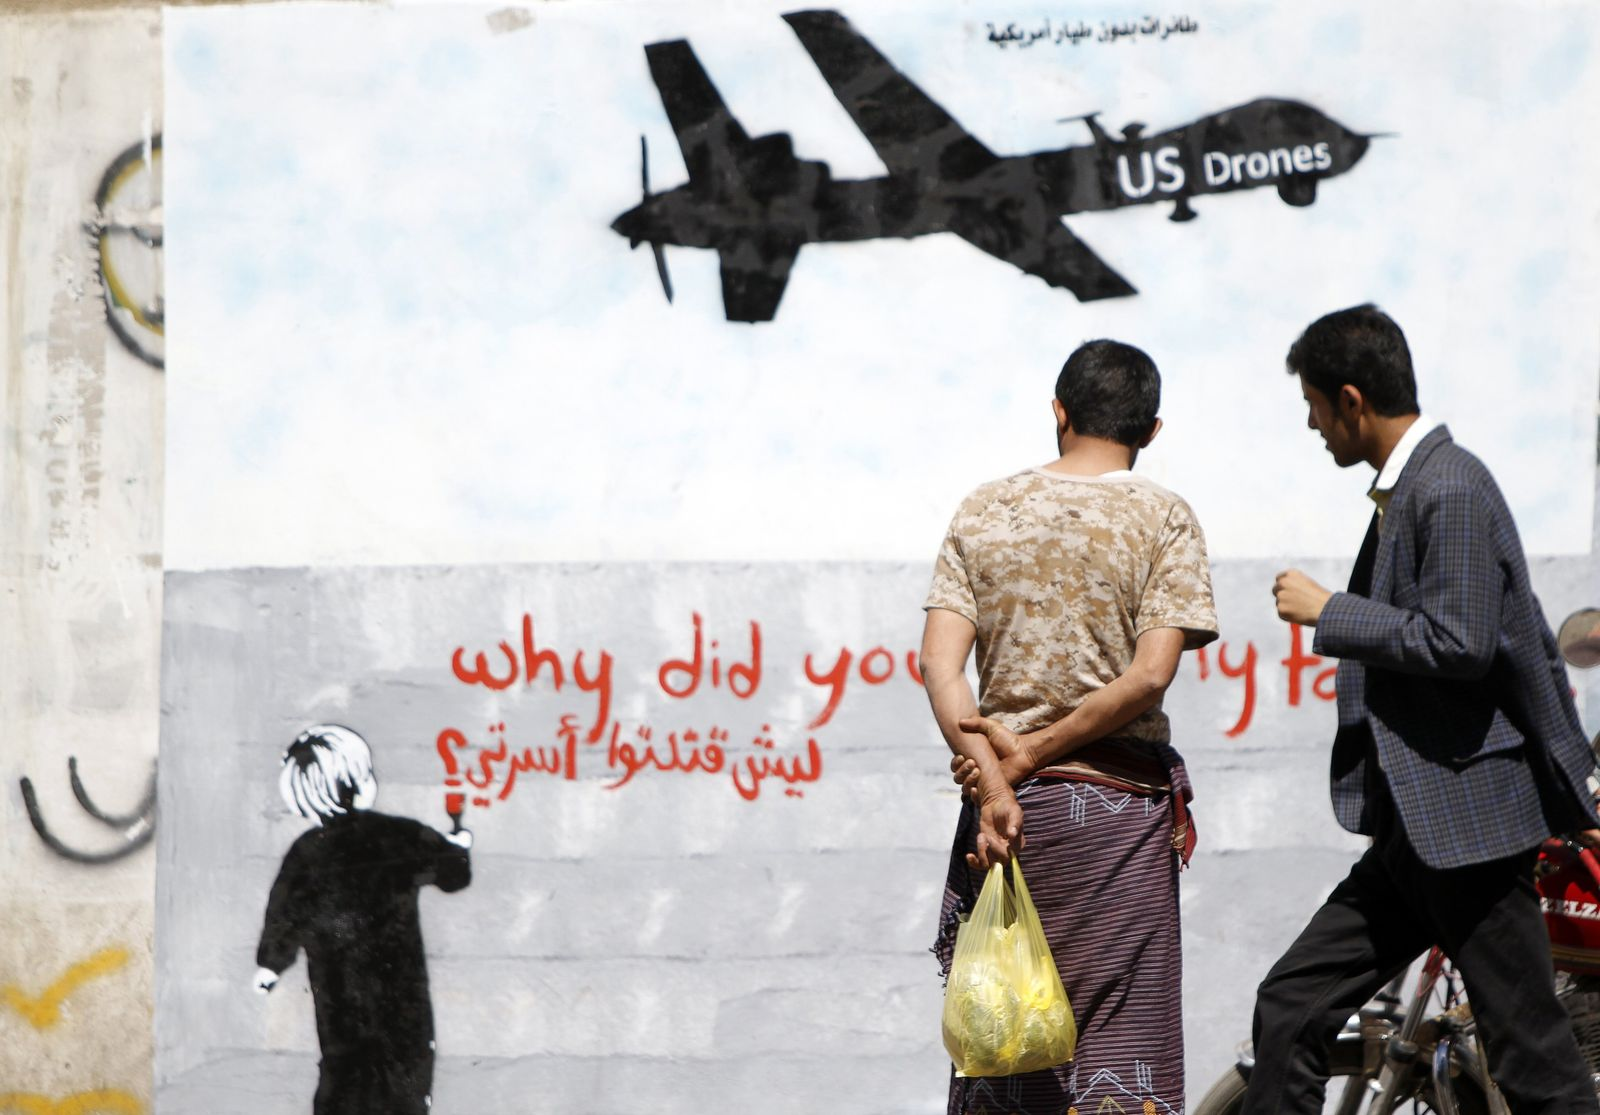 YEMEN-US/DRONES